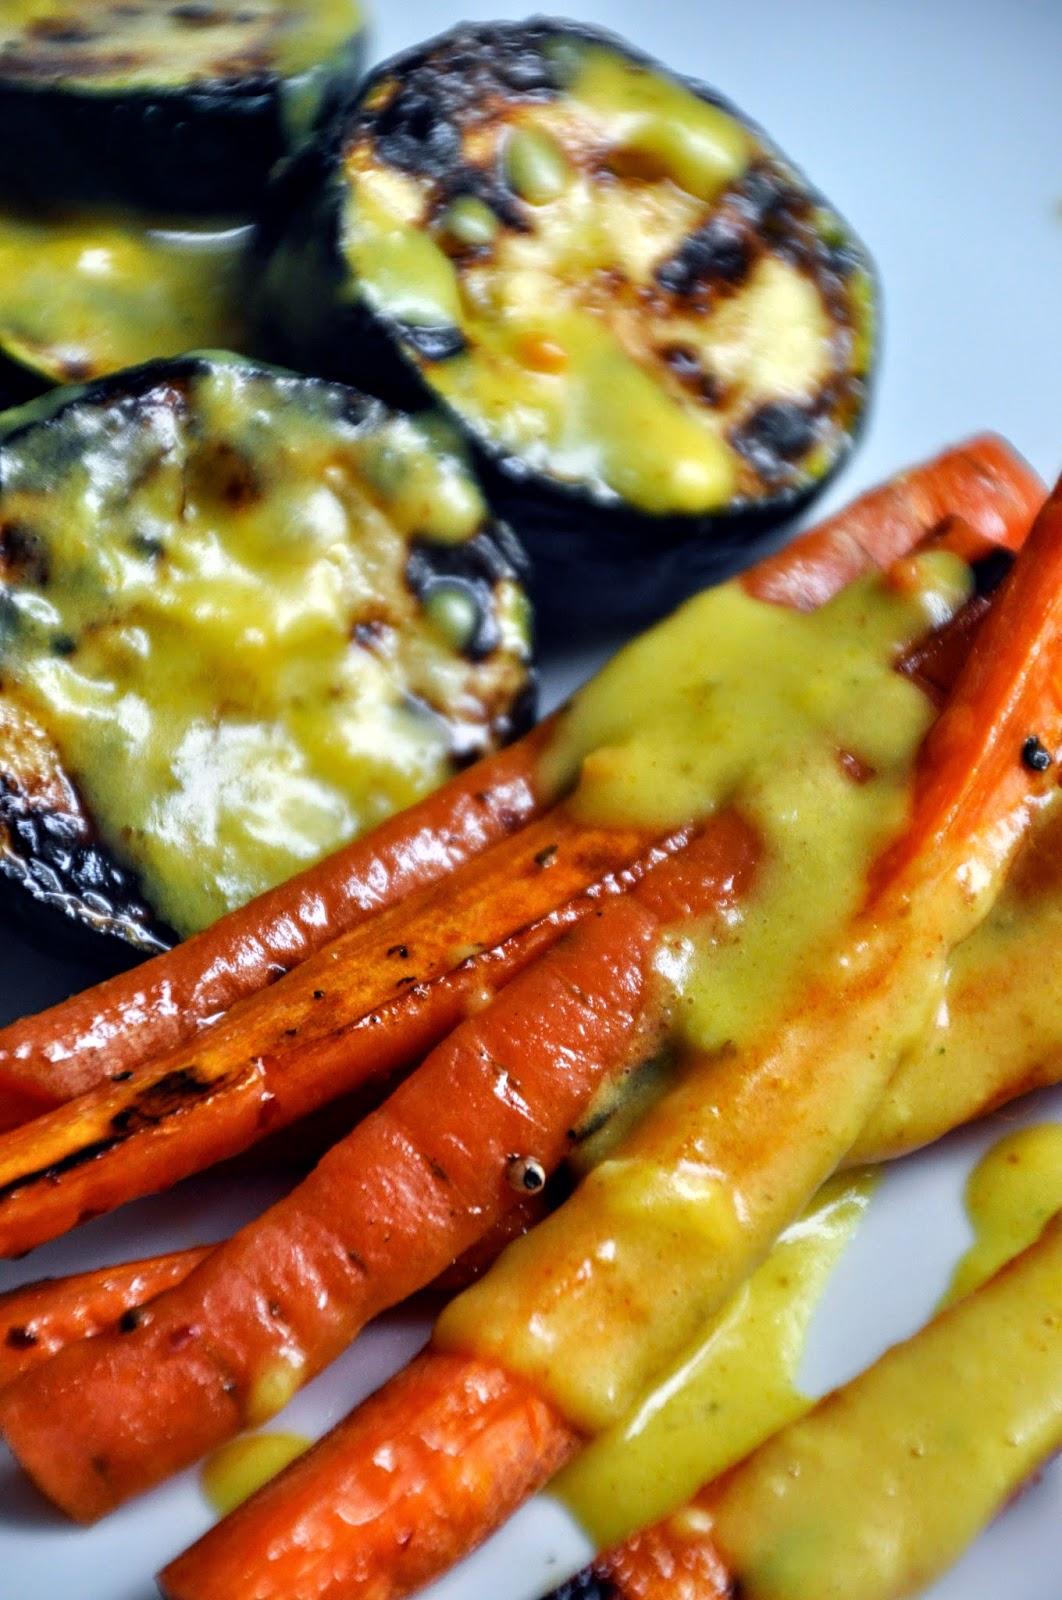 Szybko Tanio Smacznie - Cukinie w sosie curry